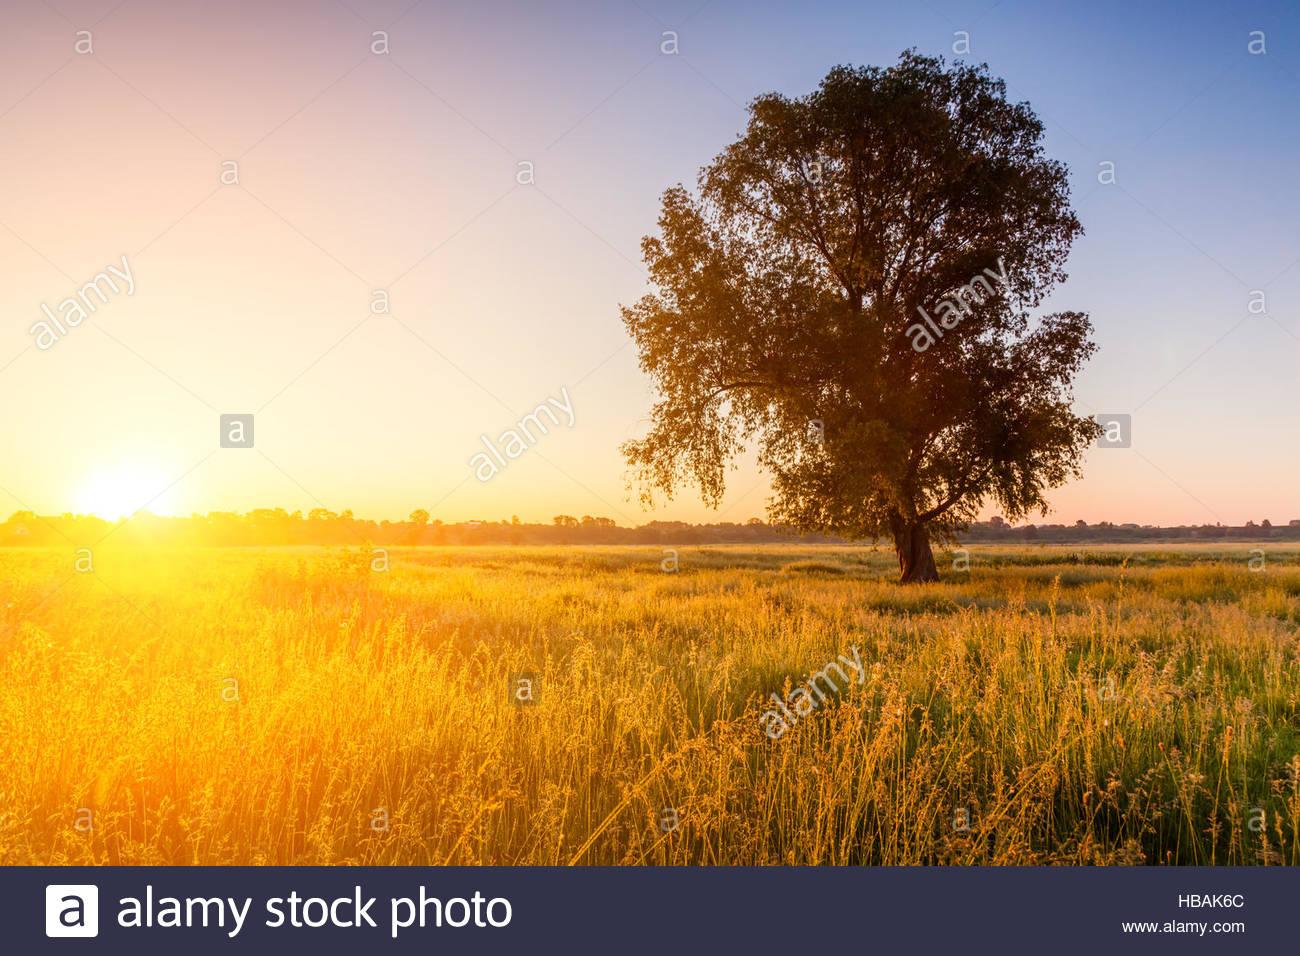 Einsamer Baum auf Feld im Morgengrauen Stockbild